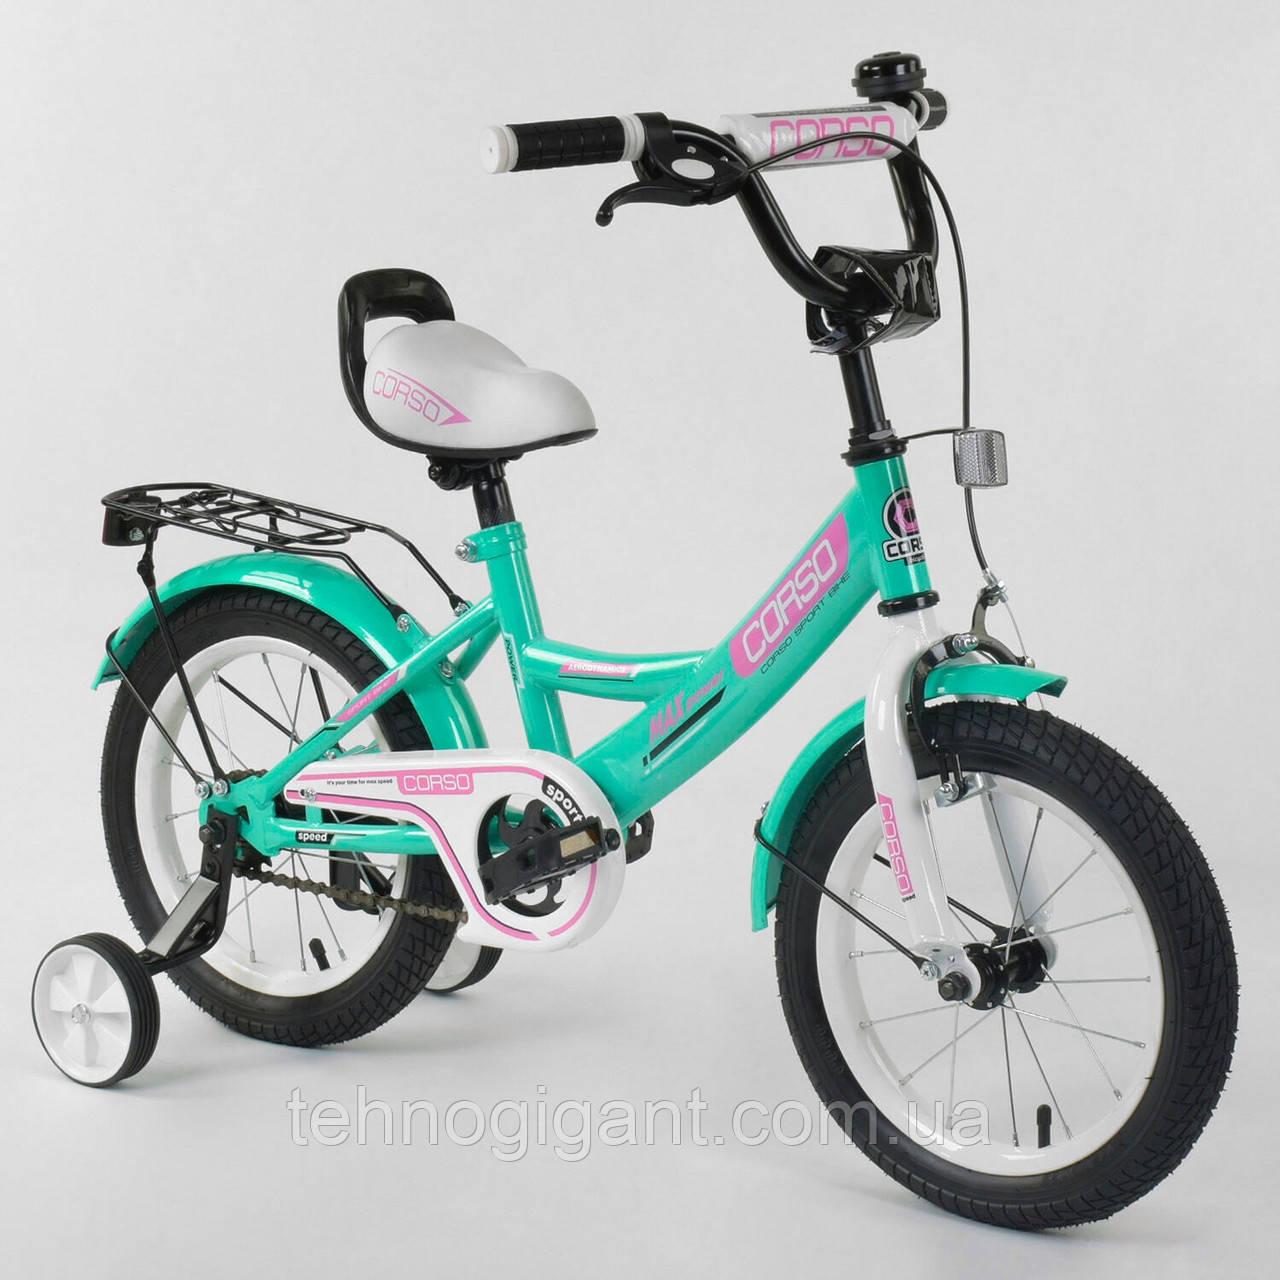 """Велосипед 14"""" дюймов 2-х колёсный """"CORSO""""  Бирюзовый, ручной тормоз, звоночек, сидение с ручкой, доп. колеса"""